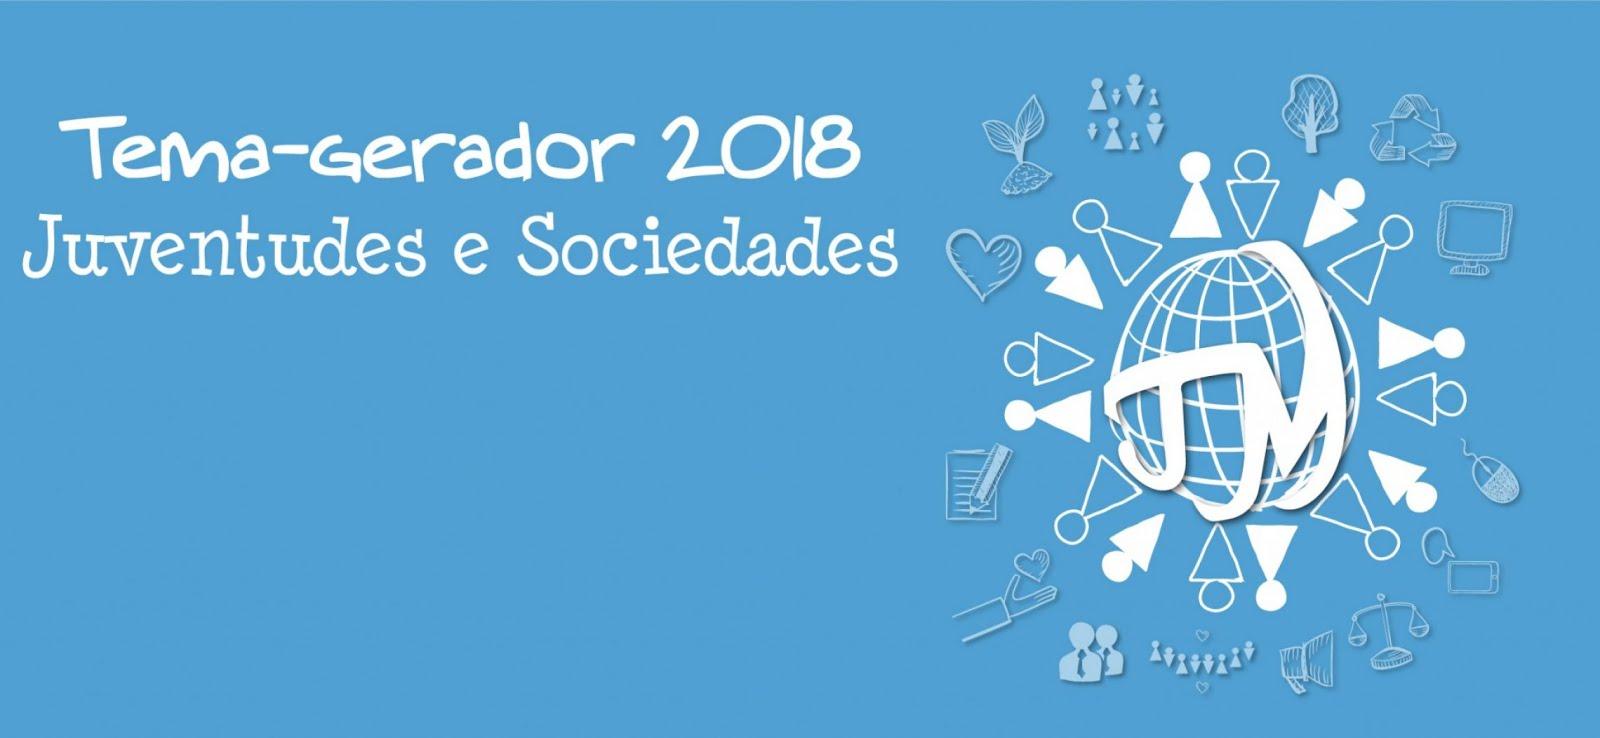 Jornada do Jovem Missionário 2018